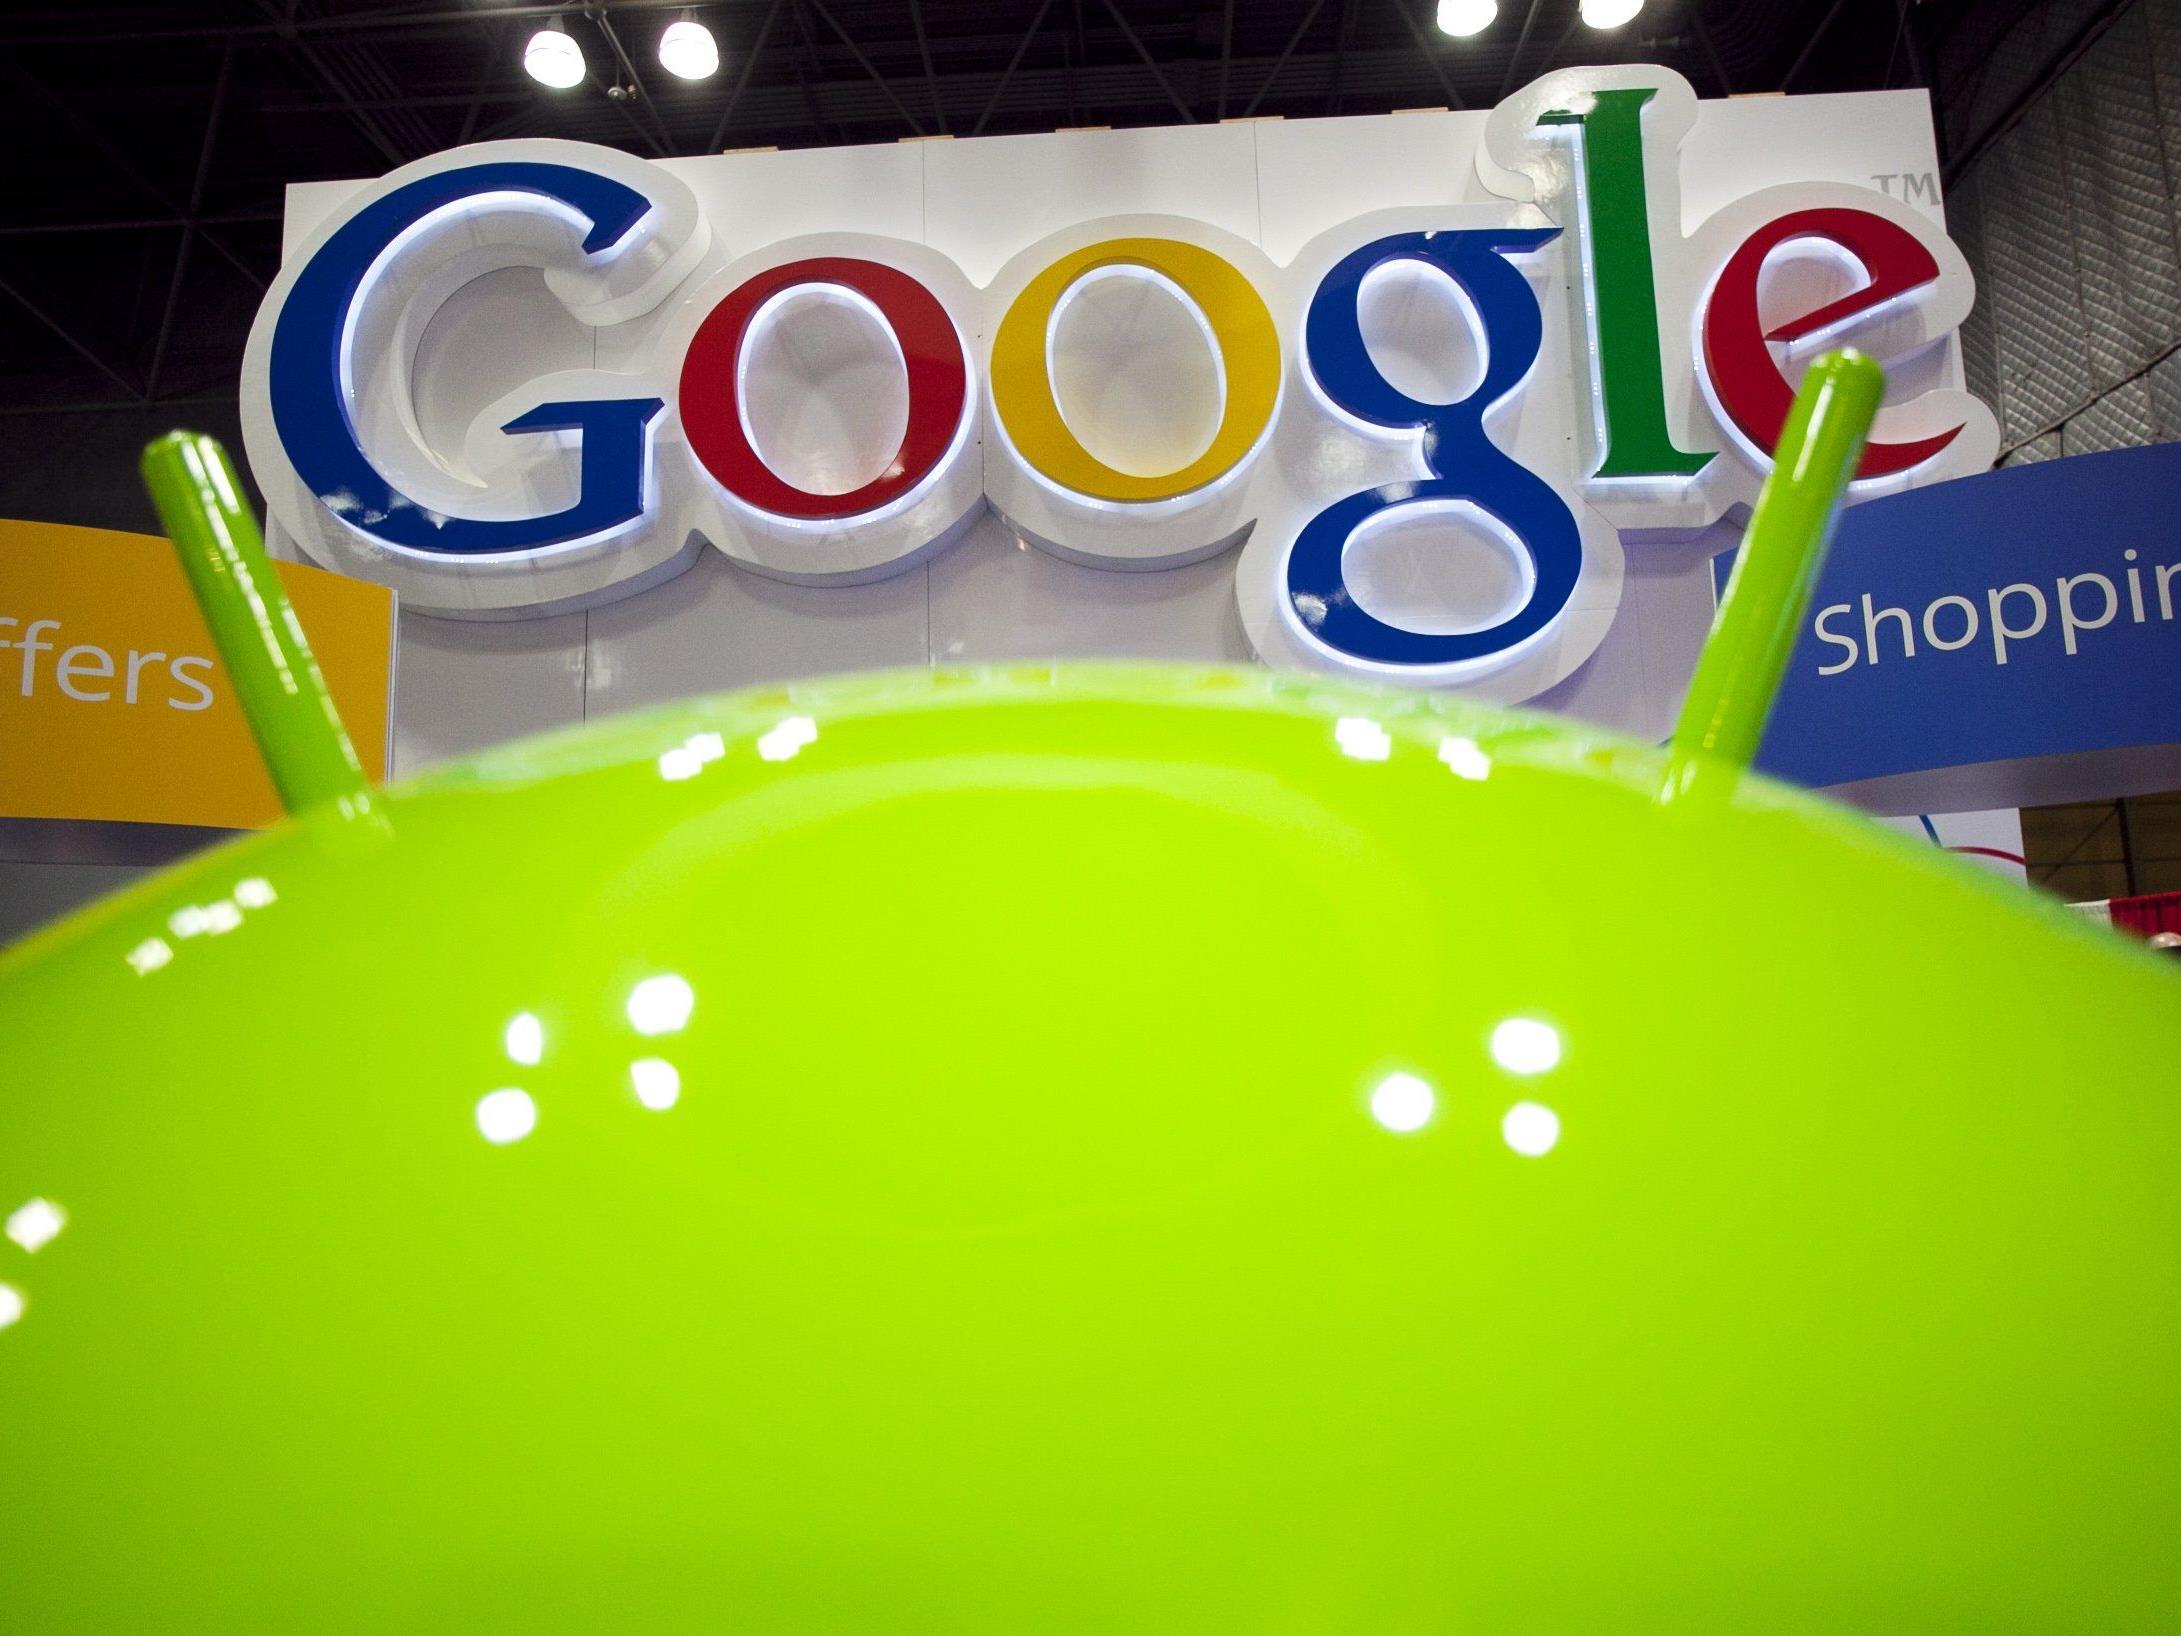 Google verspricht regelmäßige SIcherheitsupdates , die Hersteller ziehen nach.